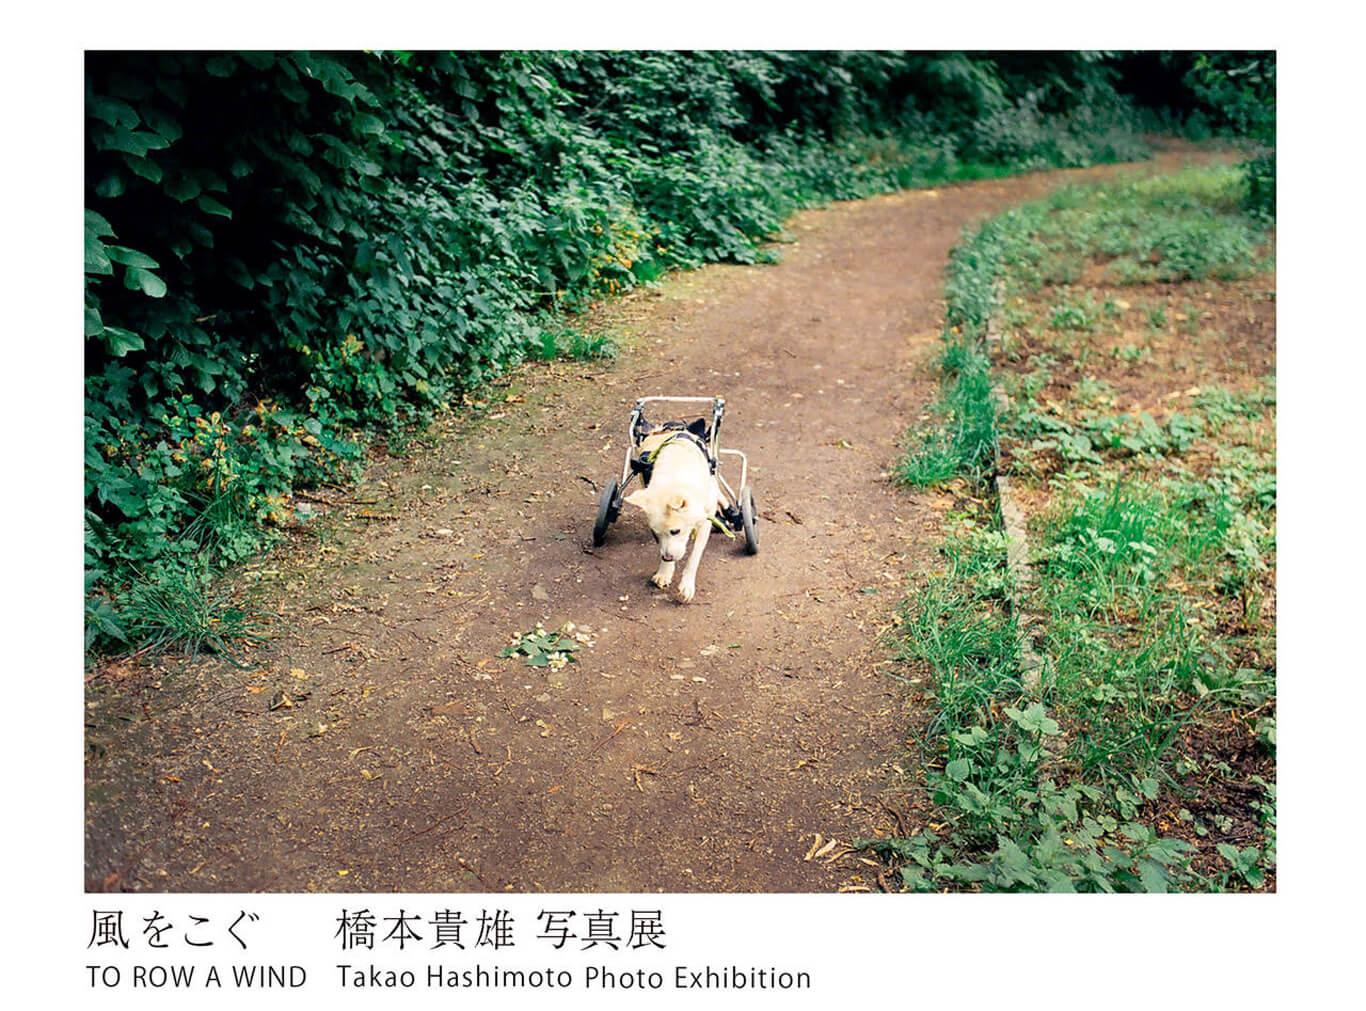 reizenso-202007-橋本貴雄 写真展